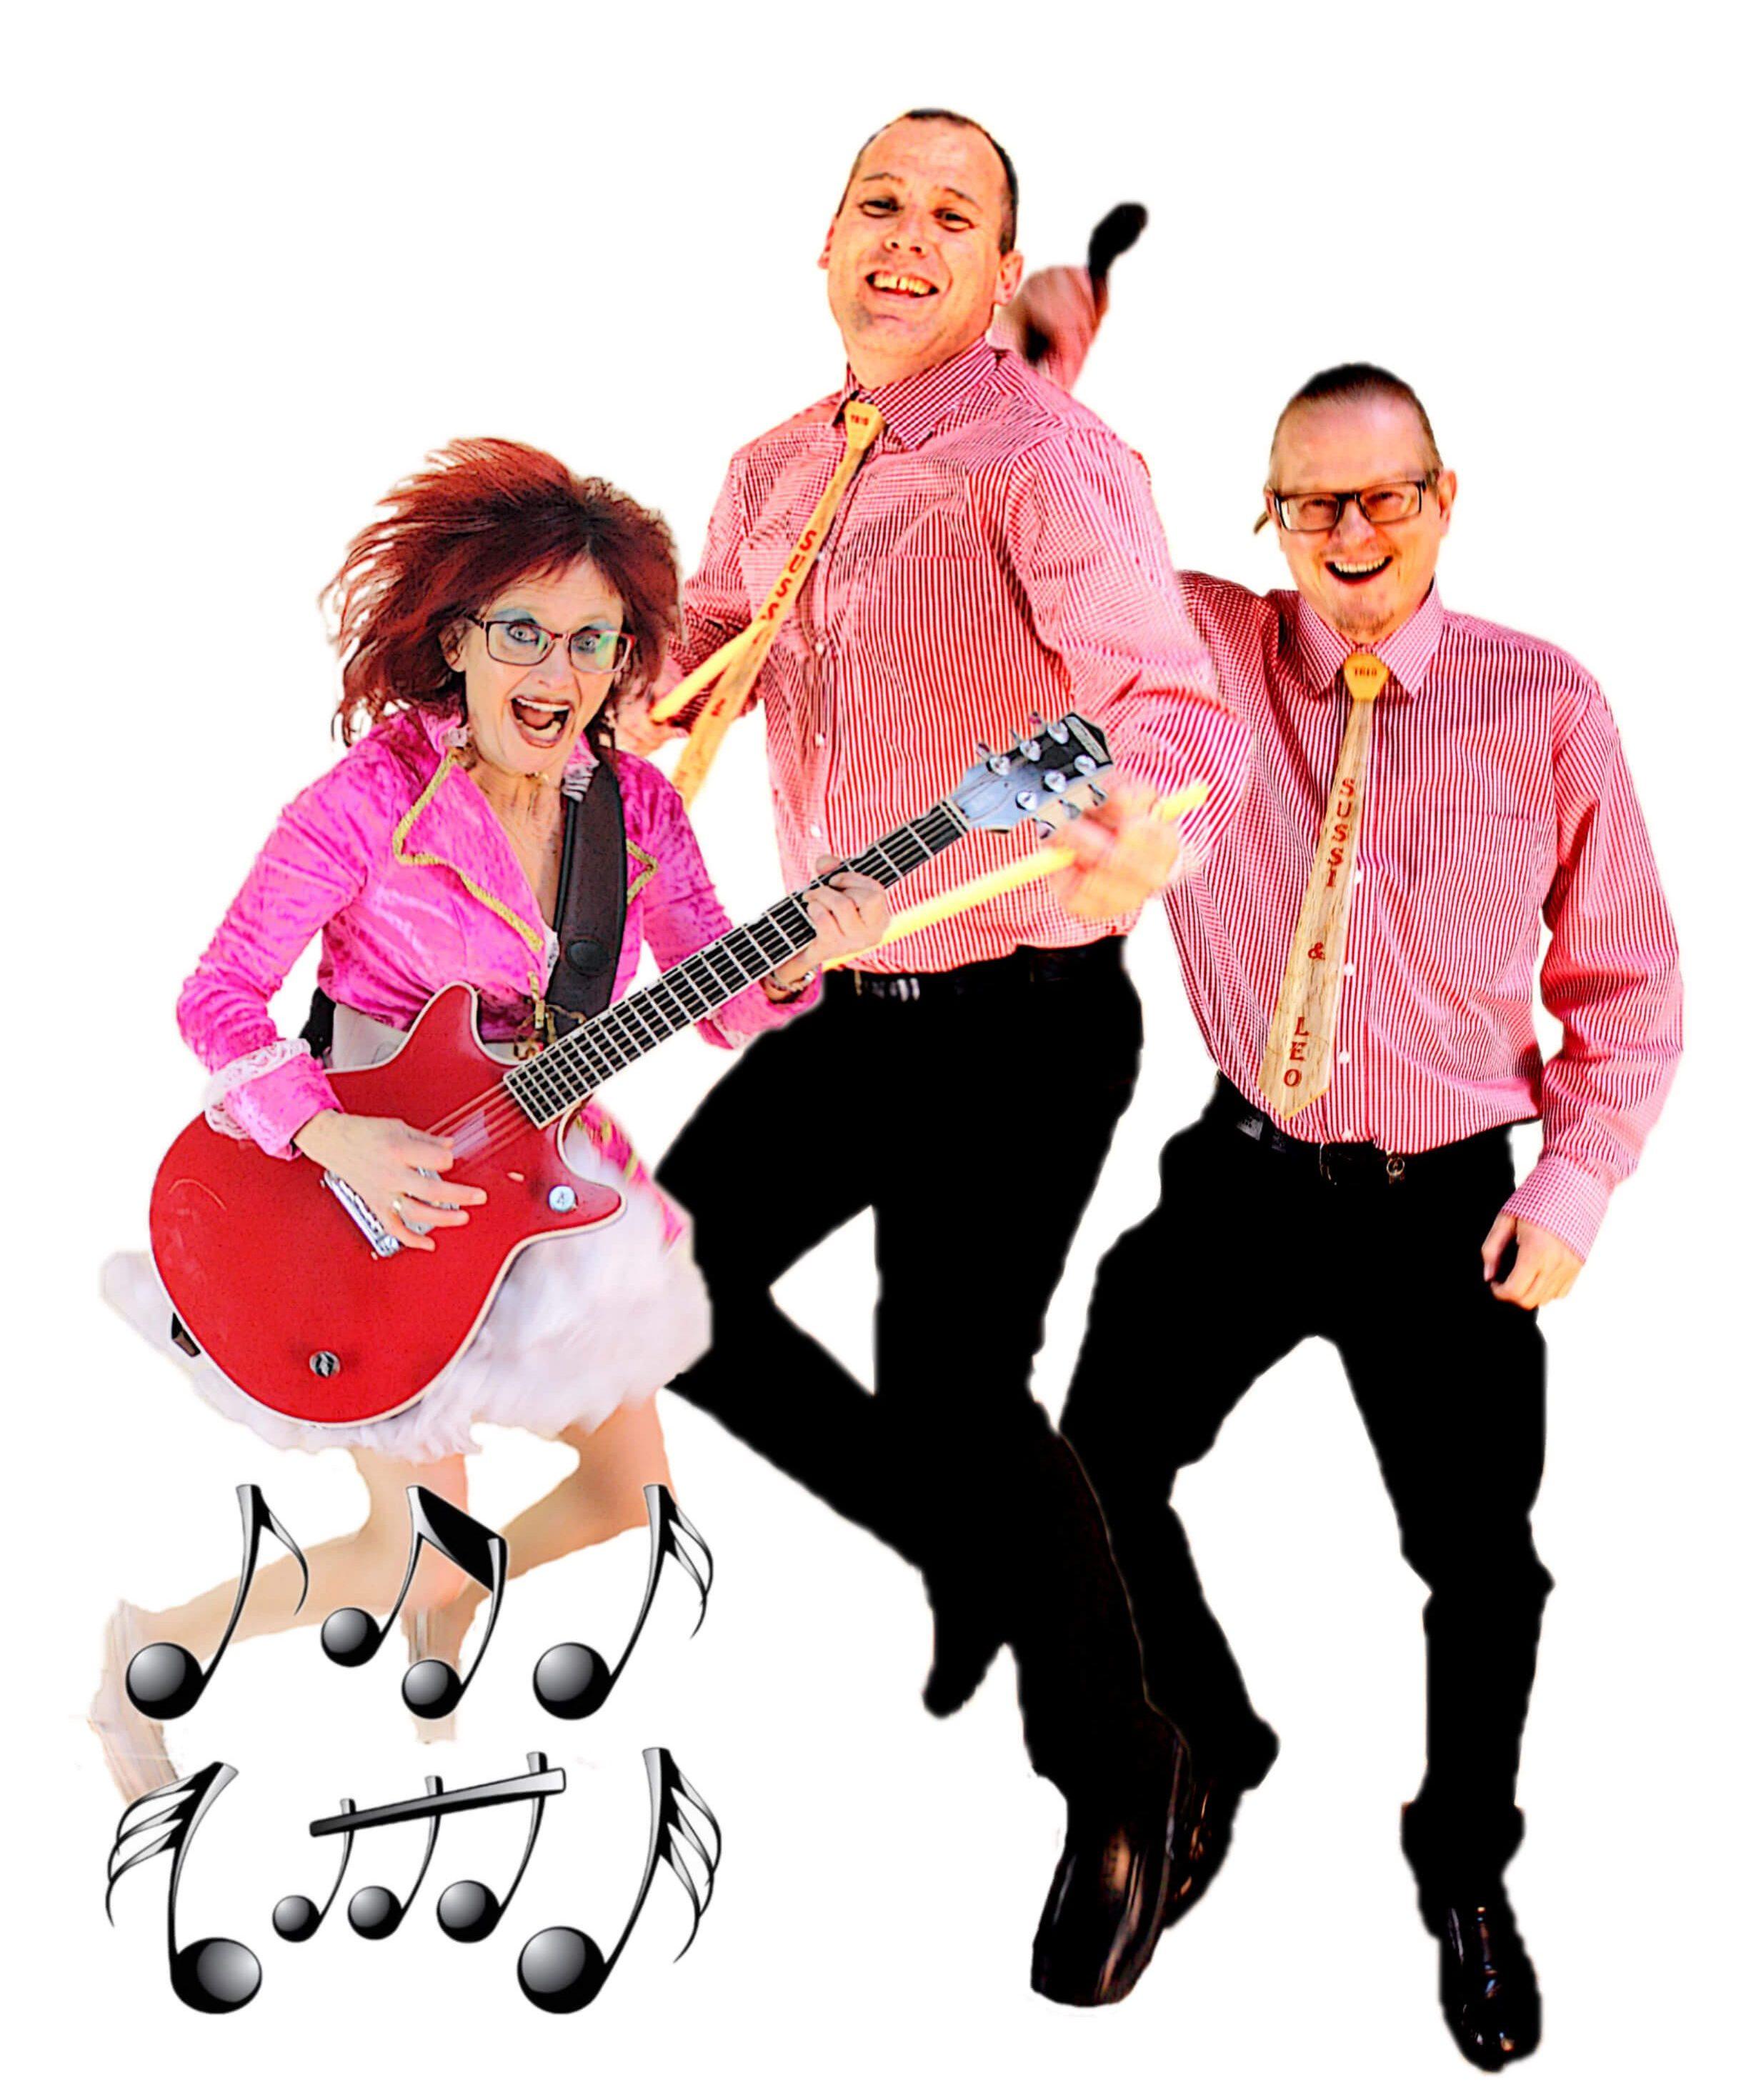 Sussi og Leo - som var første band i Skibbild-Nøvling - giver en 10 års jubilæumskoncert.